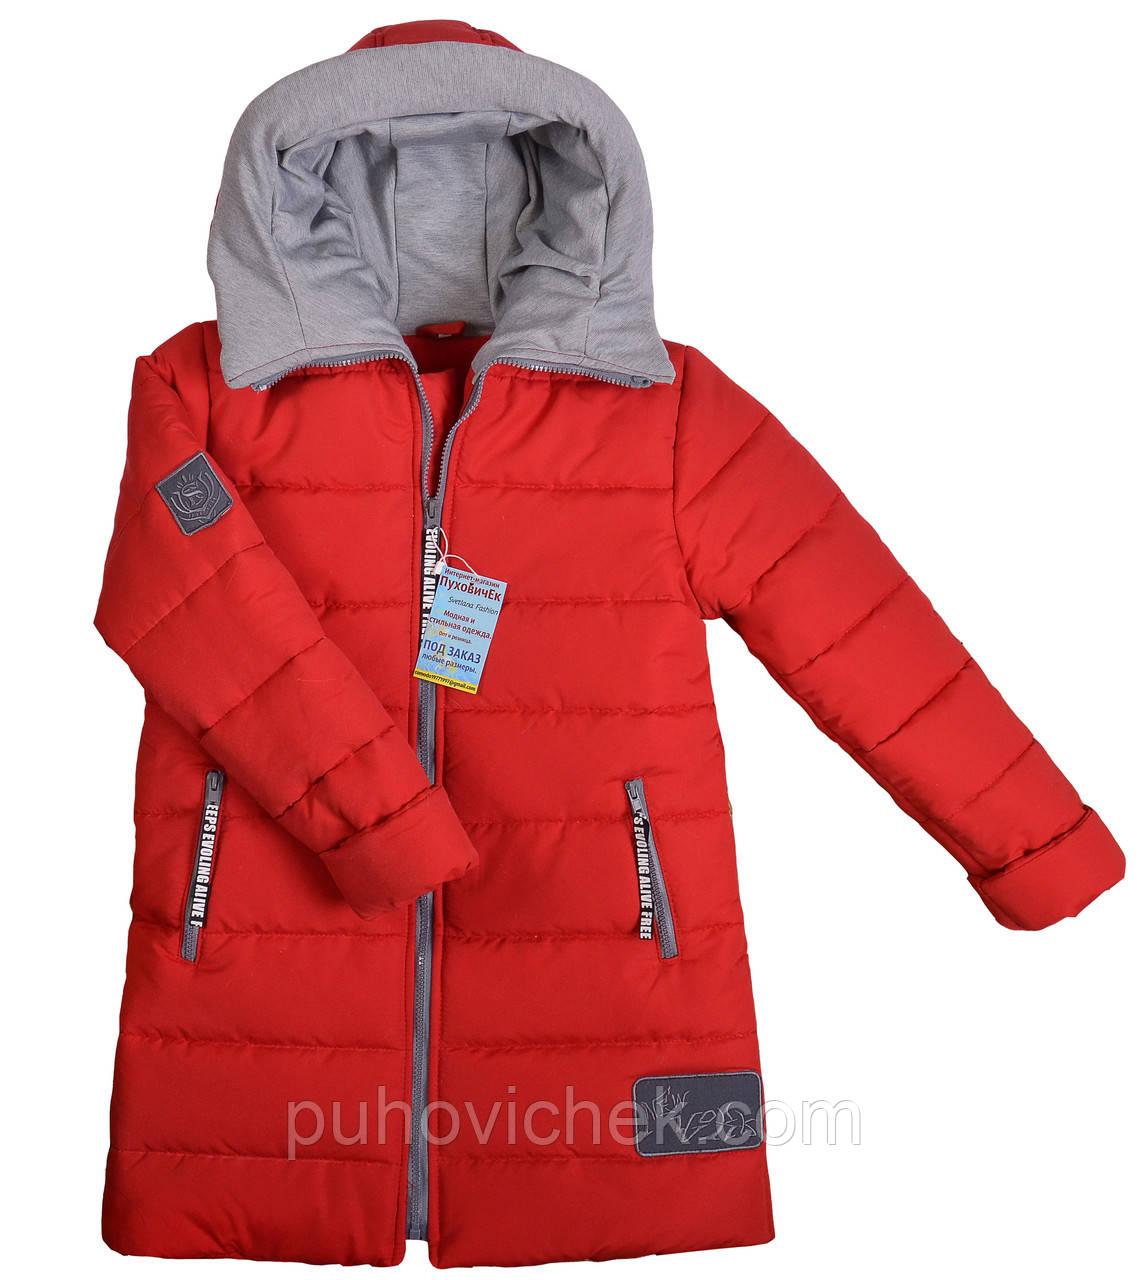 8eee730cfa3 Детская зимняя куртка парка для девочки модная - Интернет магазин Линия  одежды в Харькове